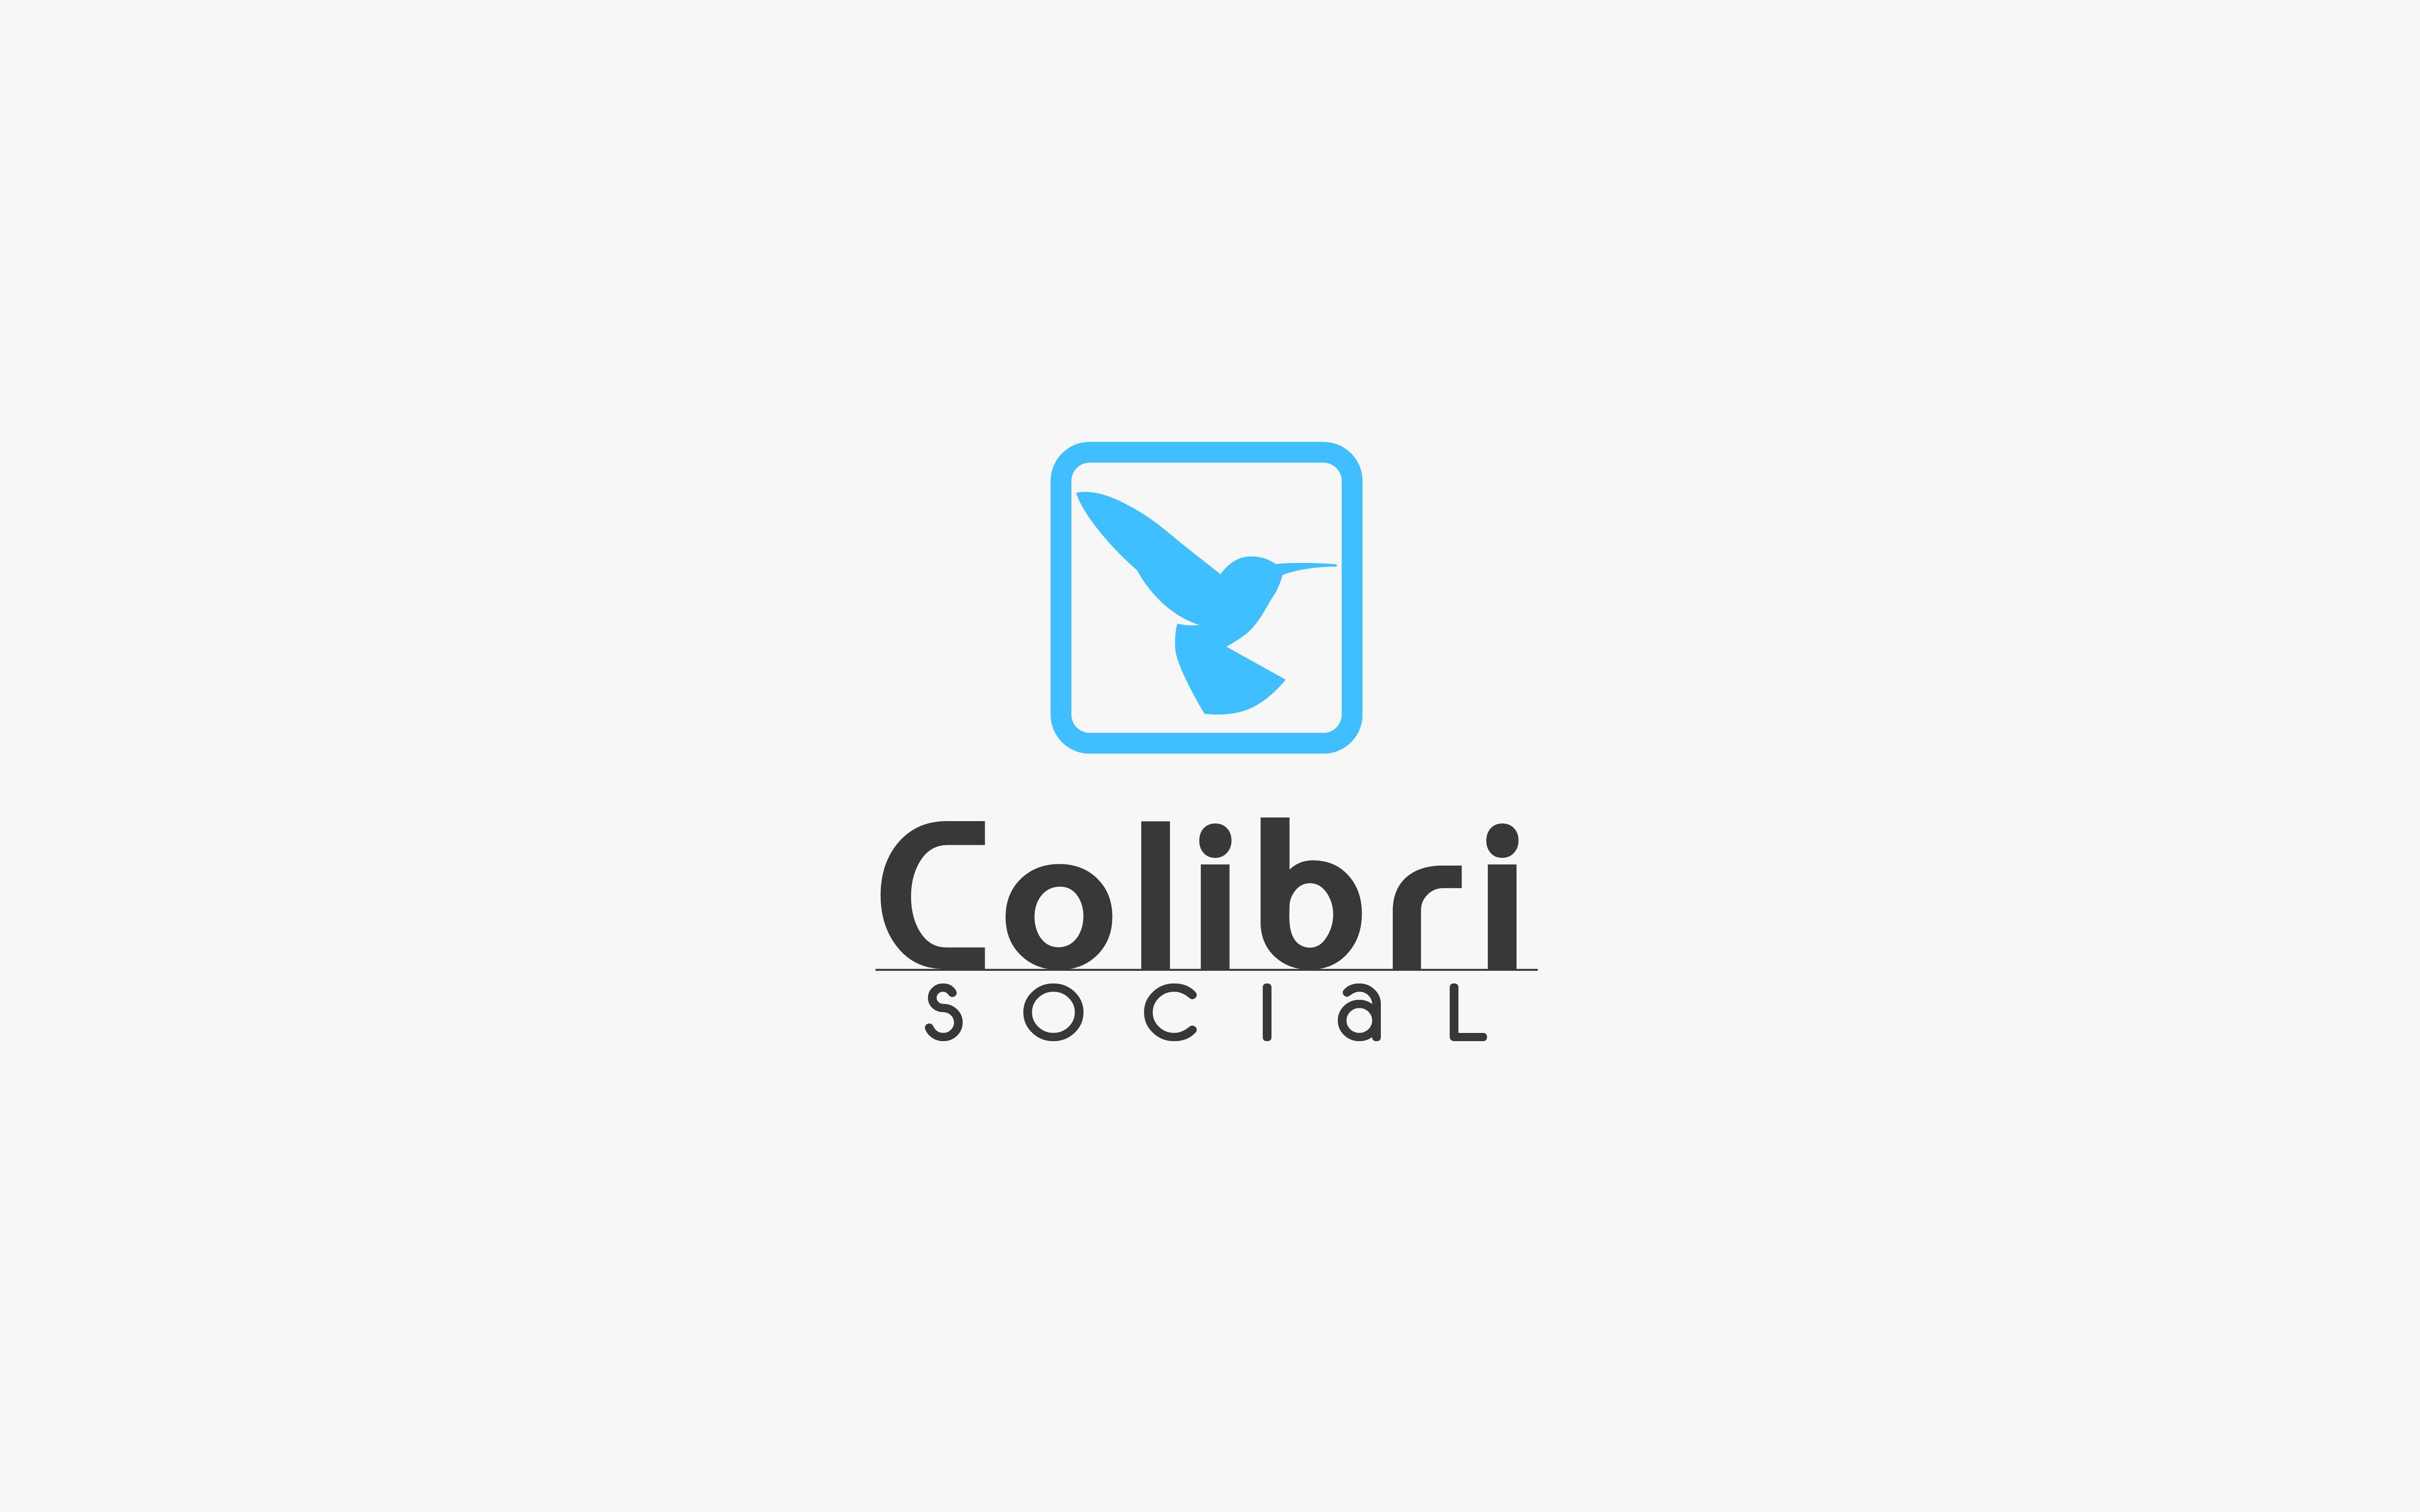 Дизайнер, разработка логотипа компании фото f_9695586d6957a6fb.jpg